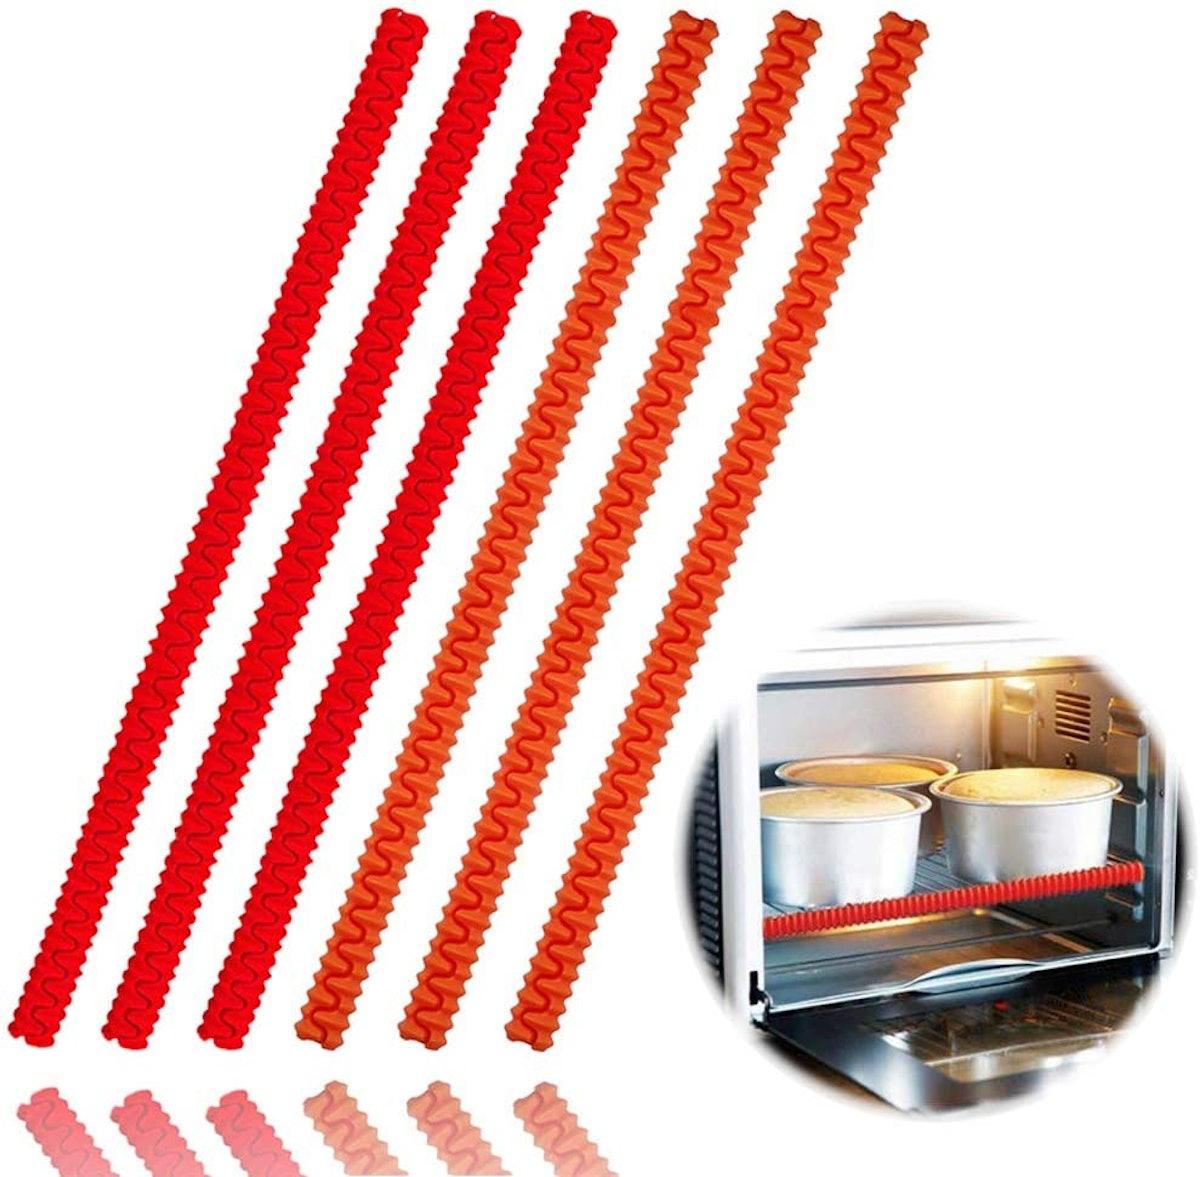 LeeYean Oven Rack Shields (6-Pack)